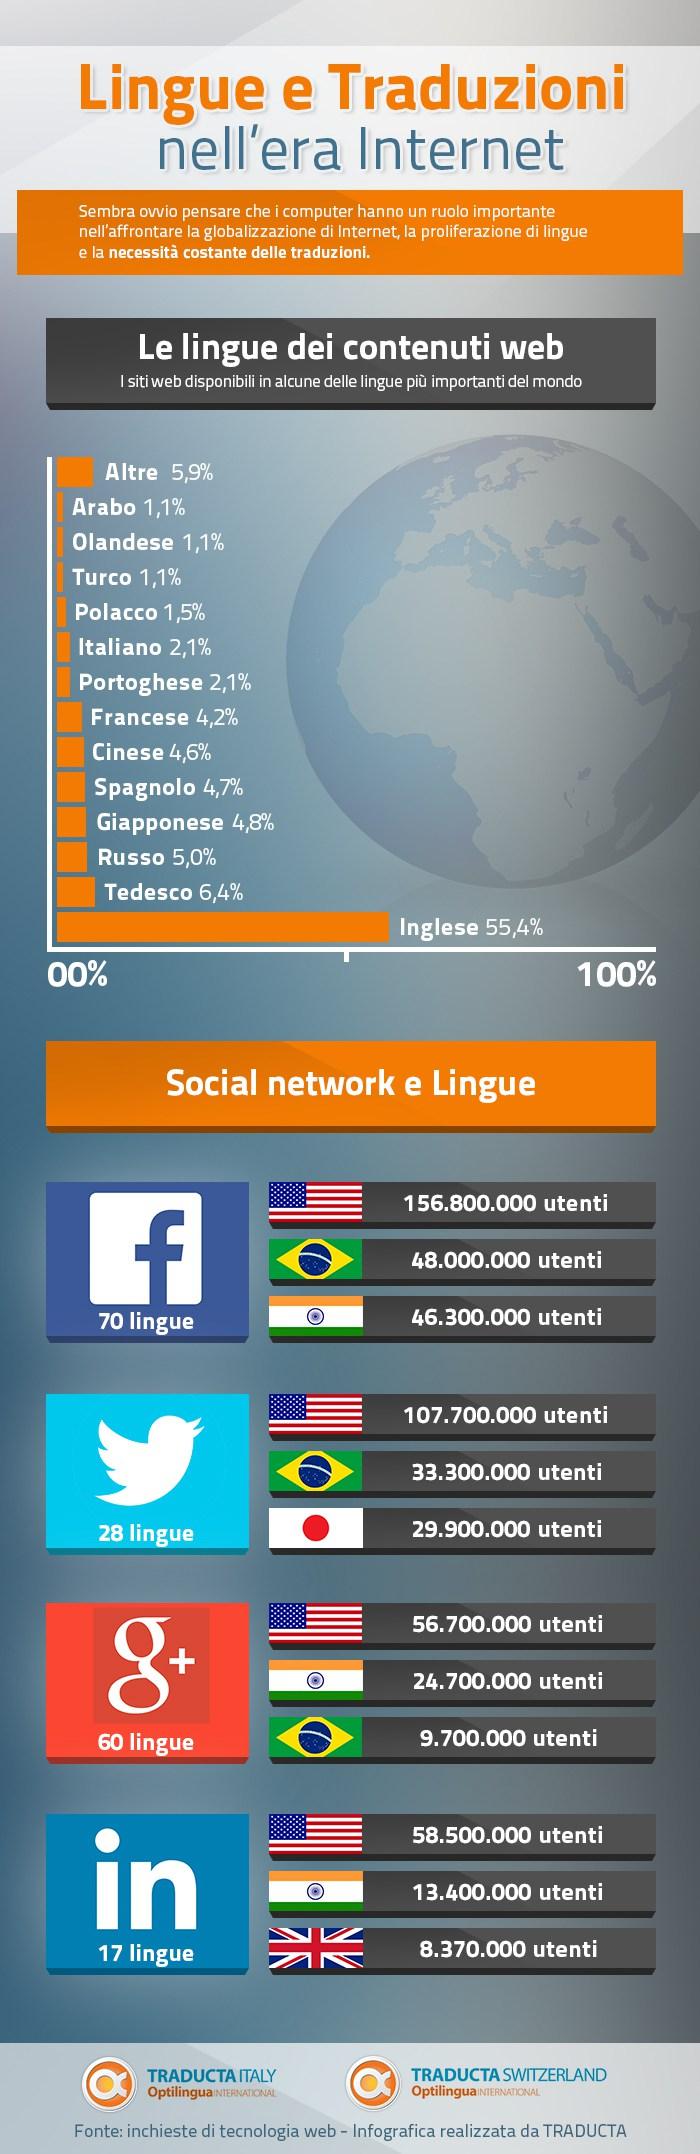 Compariamo lingue e utenti dei social network nel mondo (infografica)